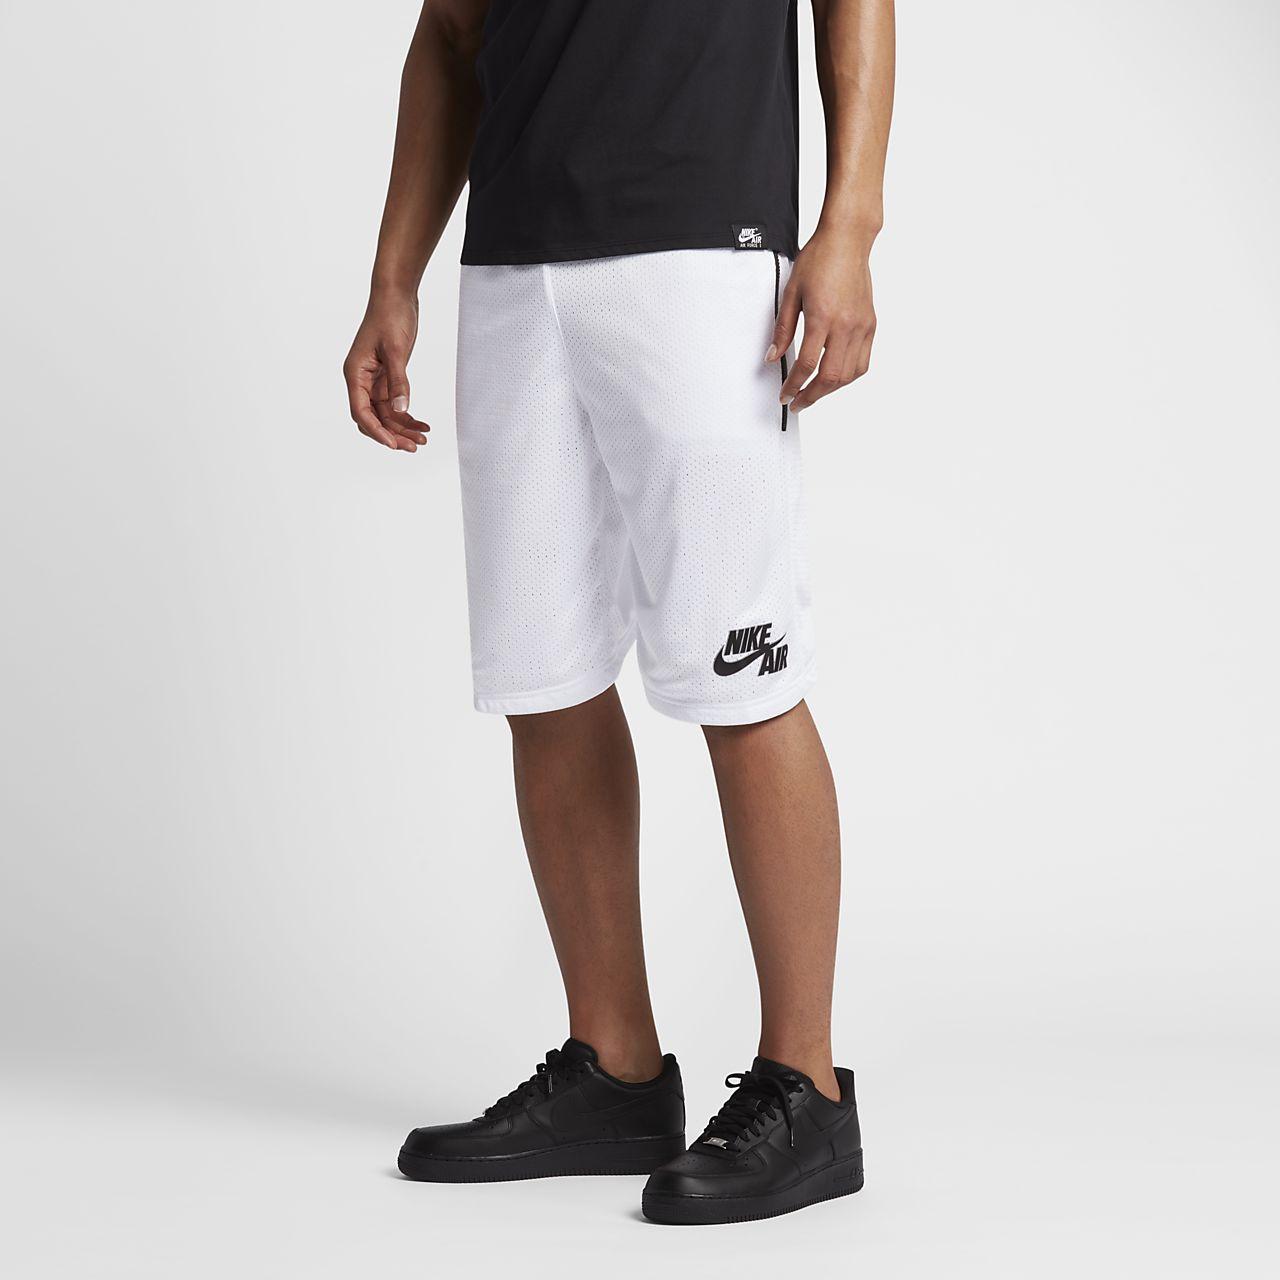 Nike Air 男子短裤